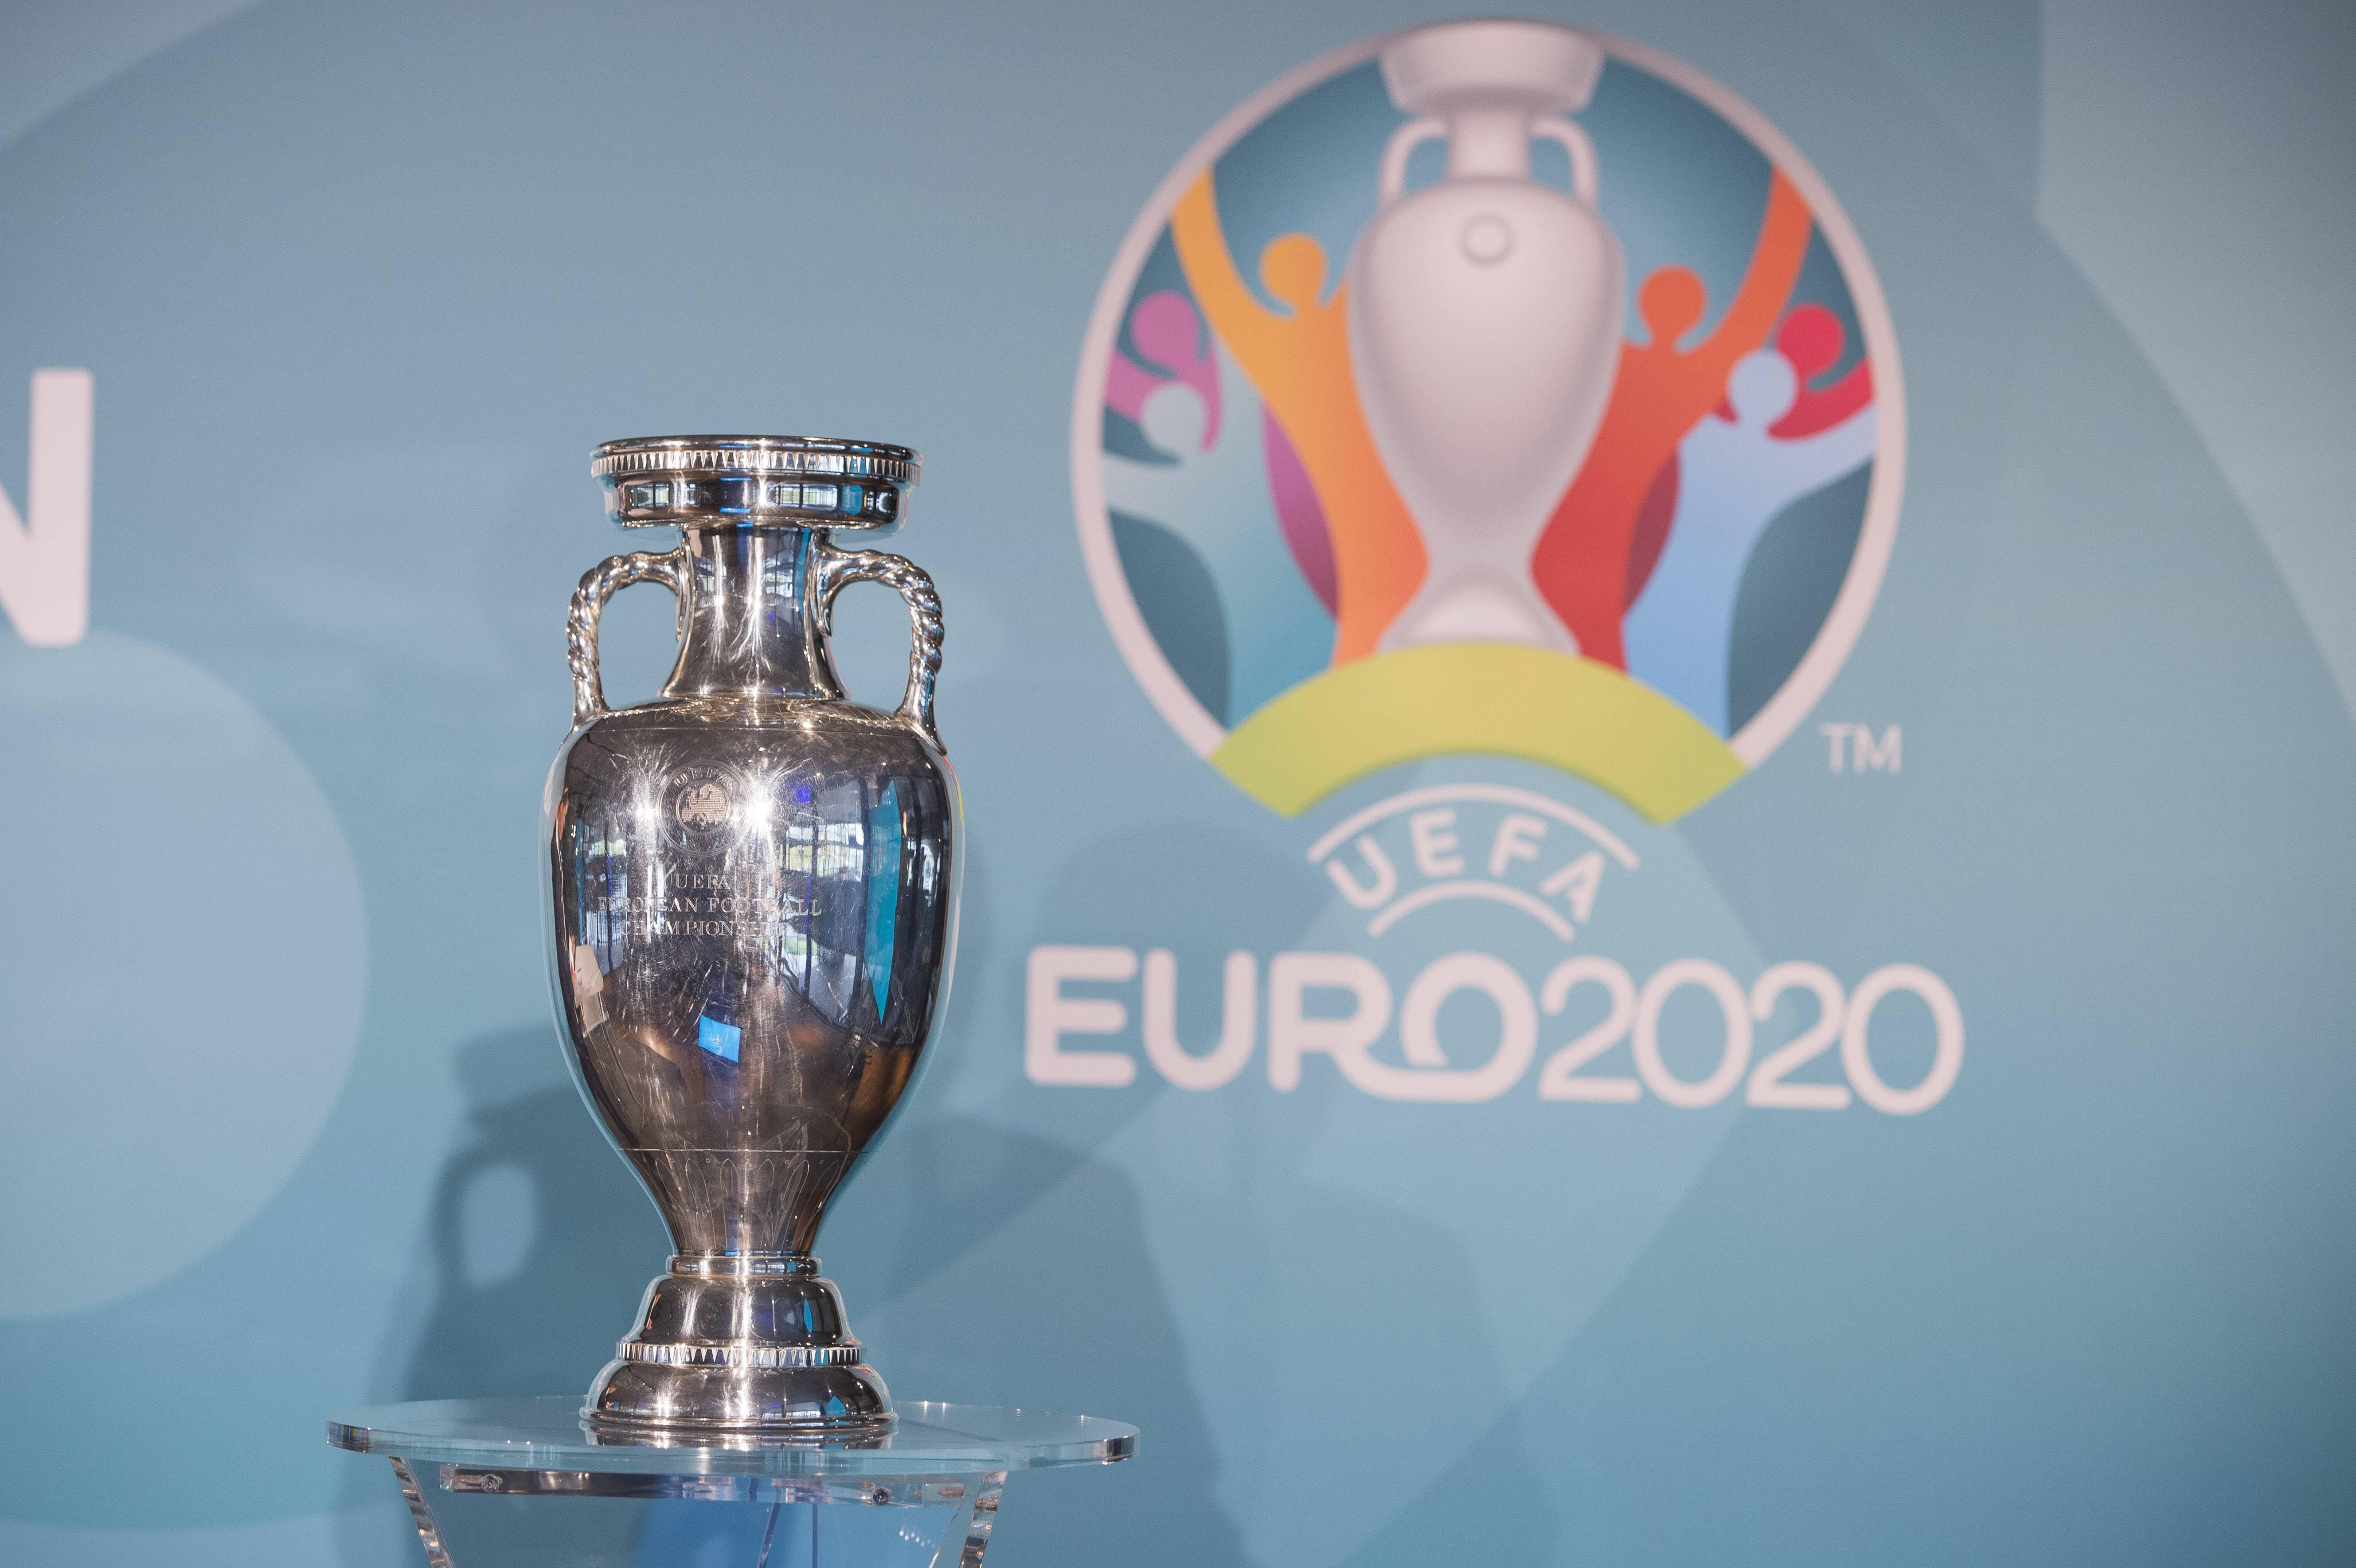 Calendrier Portugal Euro 2020.Tout Savoir Sur L Euro 2020 Tirage Au Sort Bleus